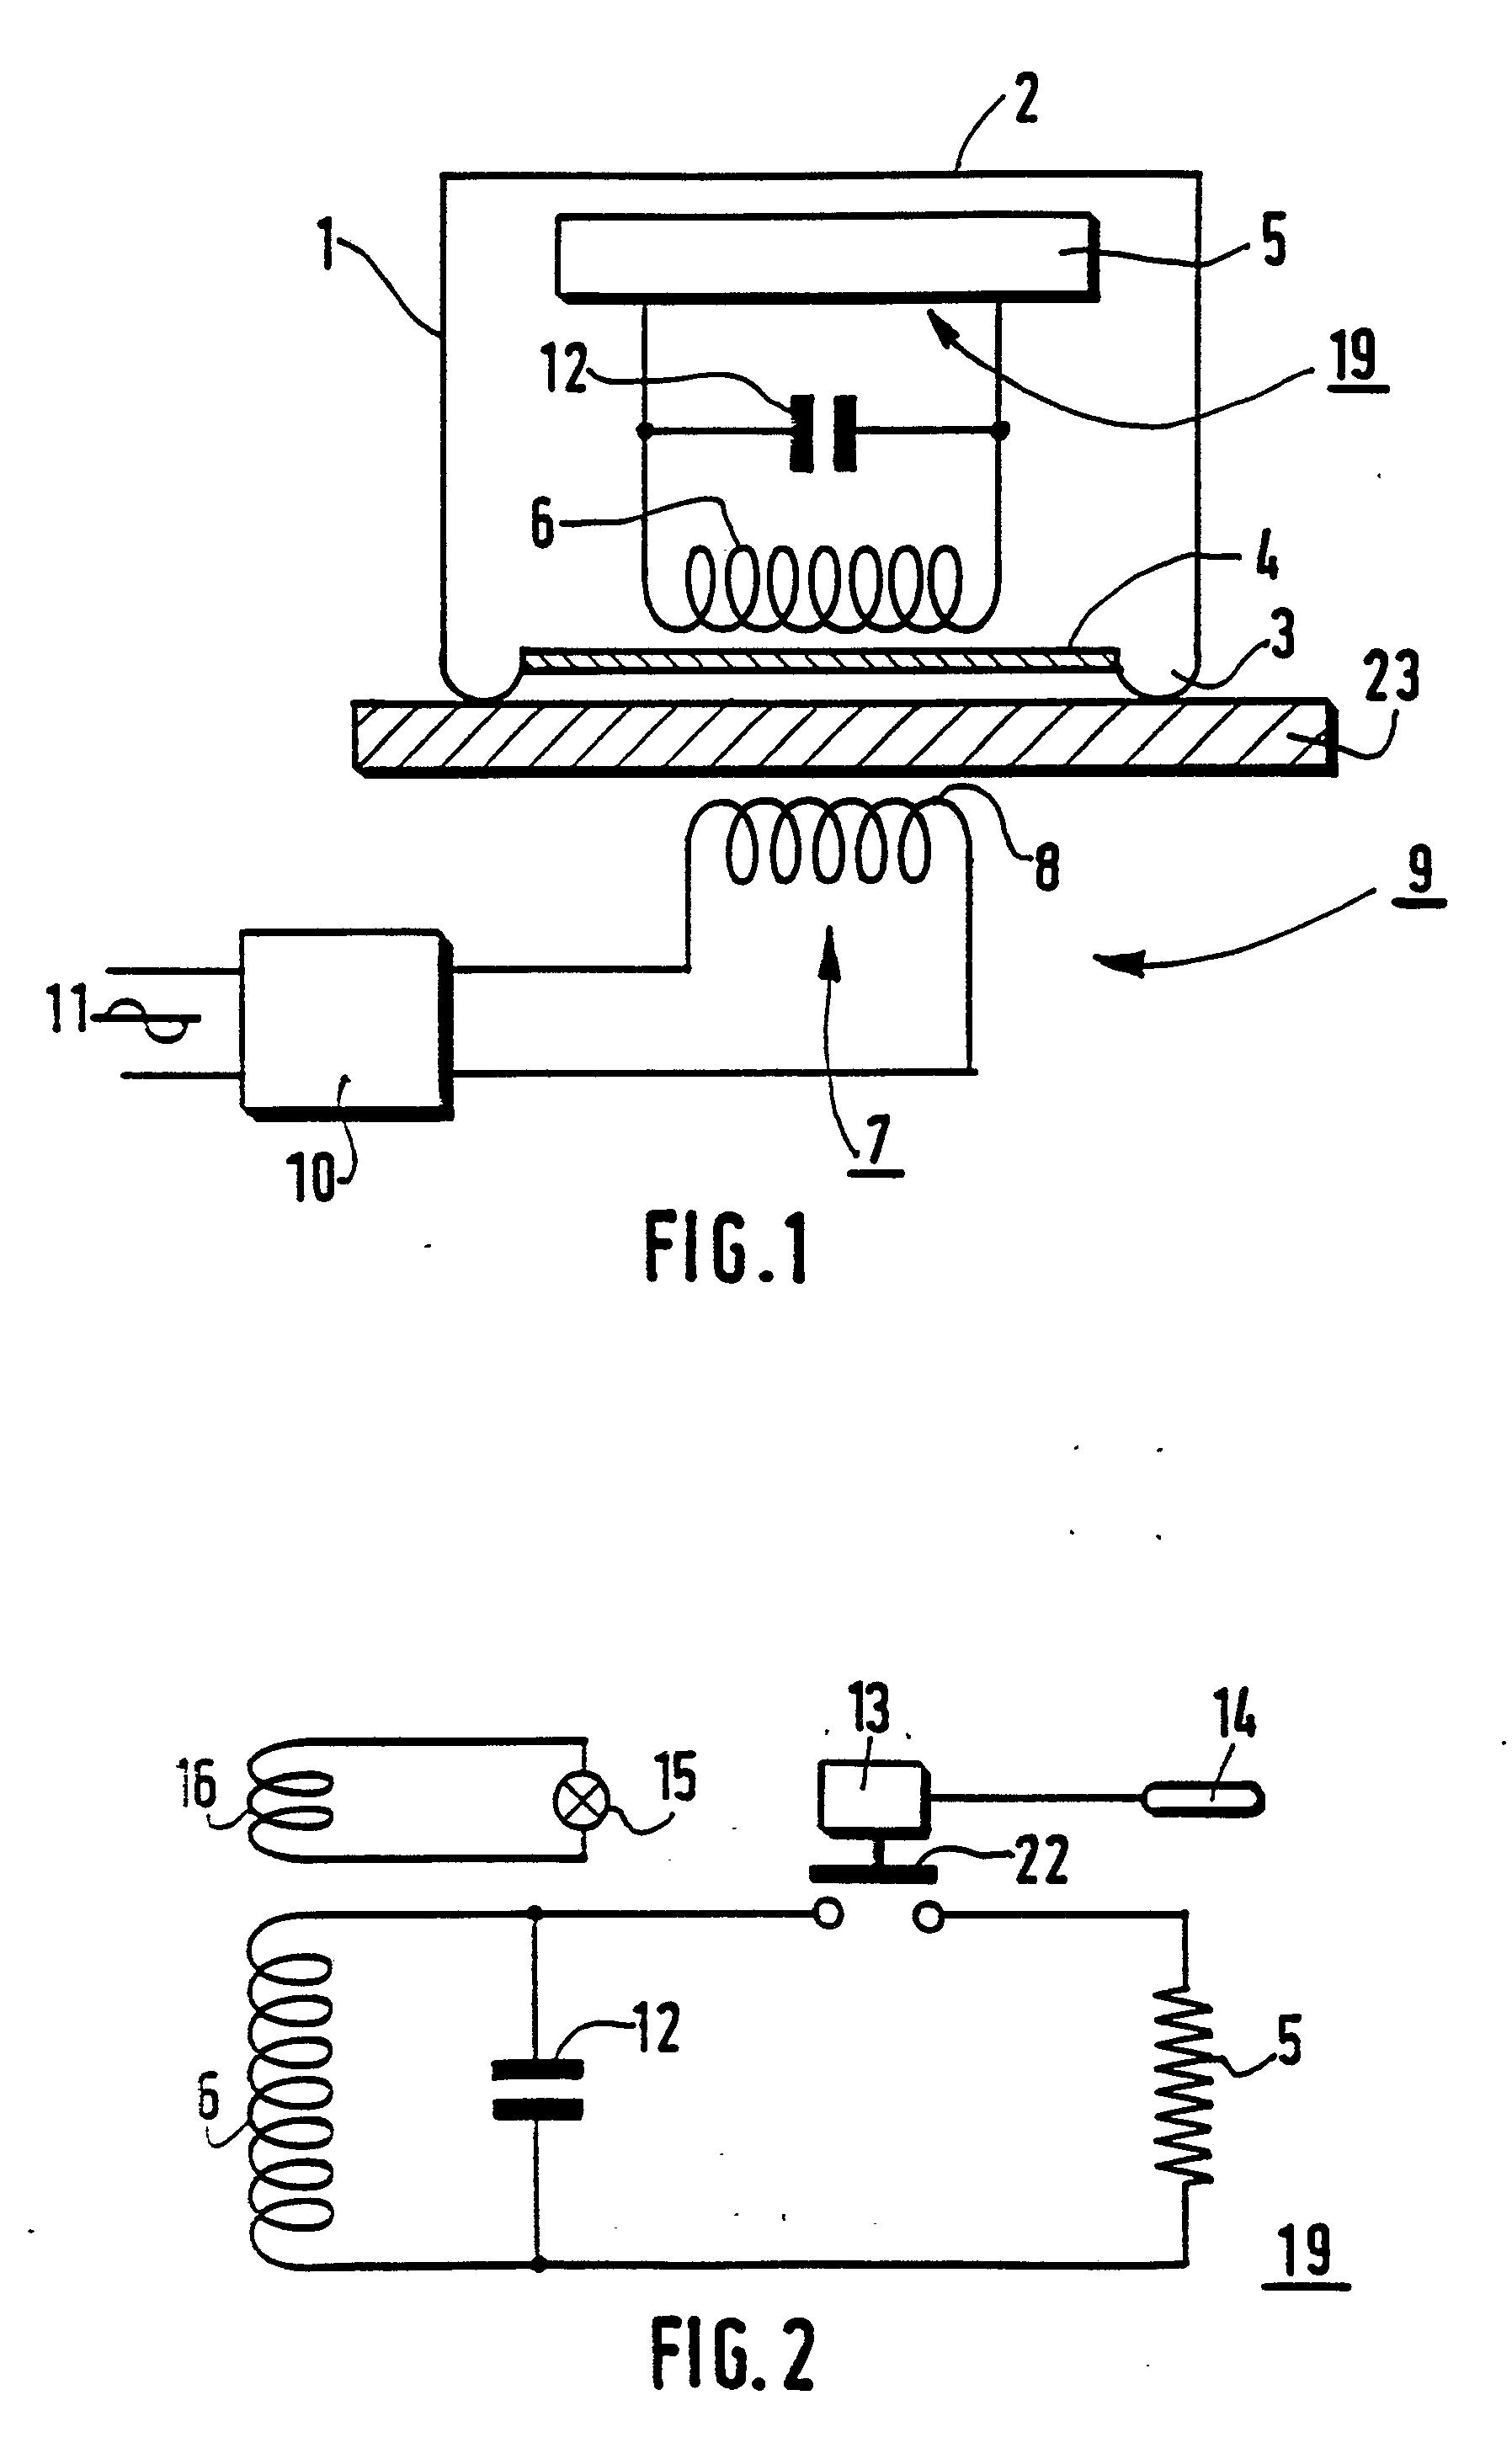 brevetto ep0394148a1 plaque lectrique chauffante amovible google brevetti. Black Bedroom Furniture Sets. Home Design Ideas